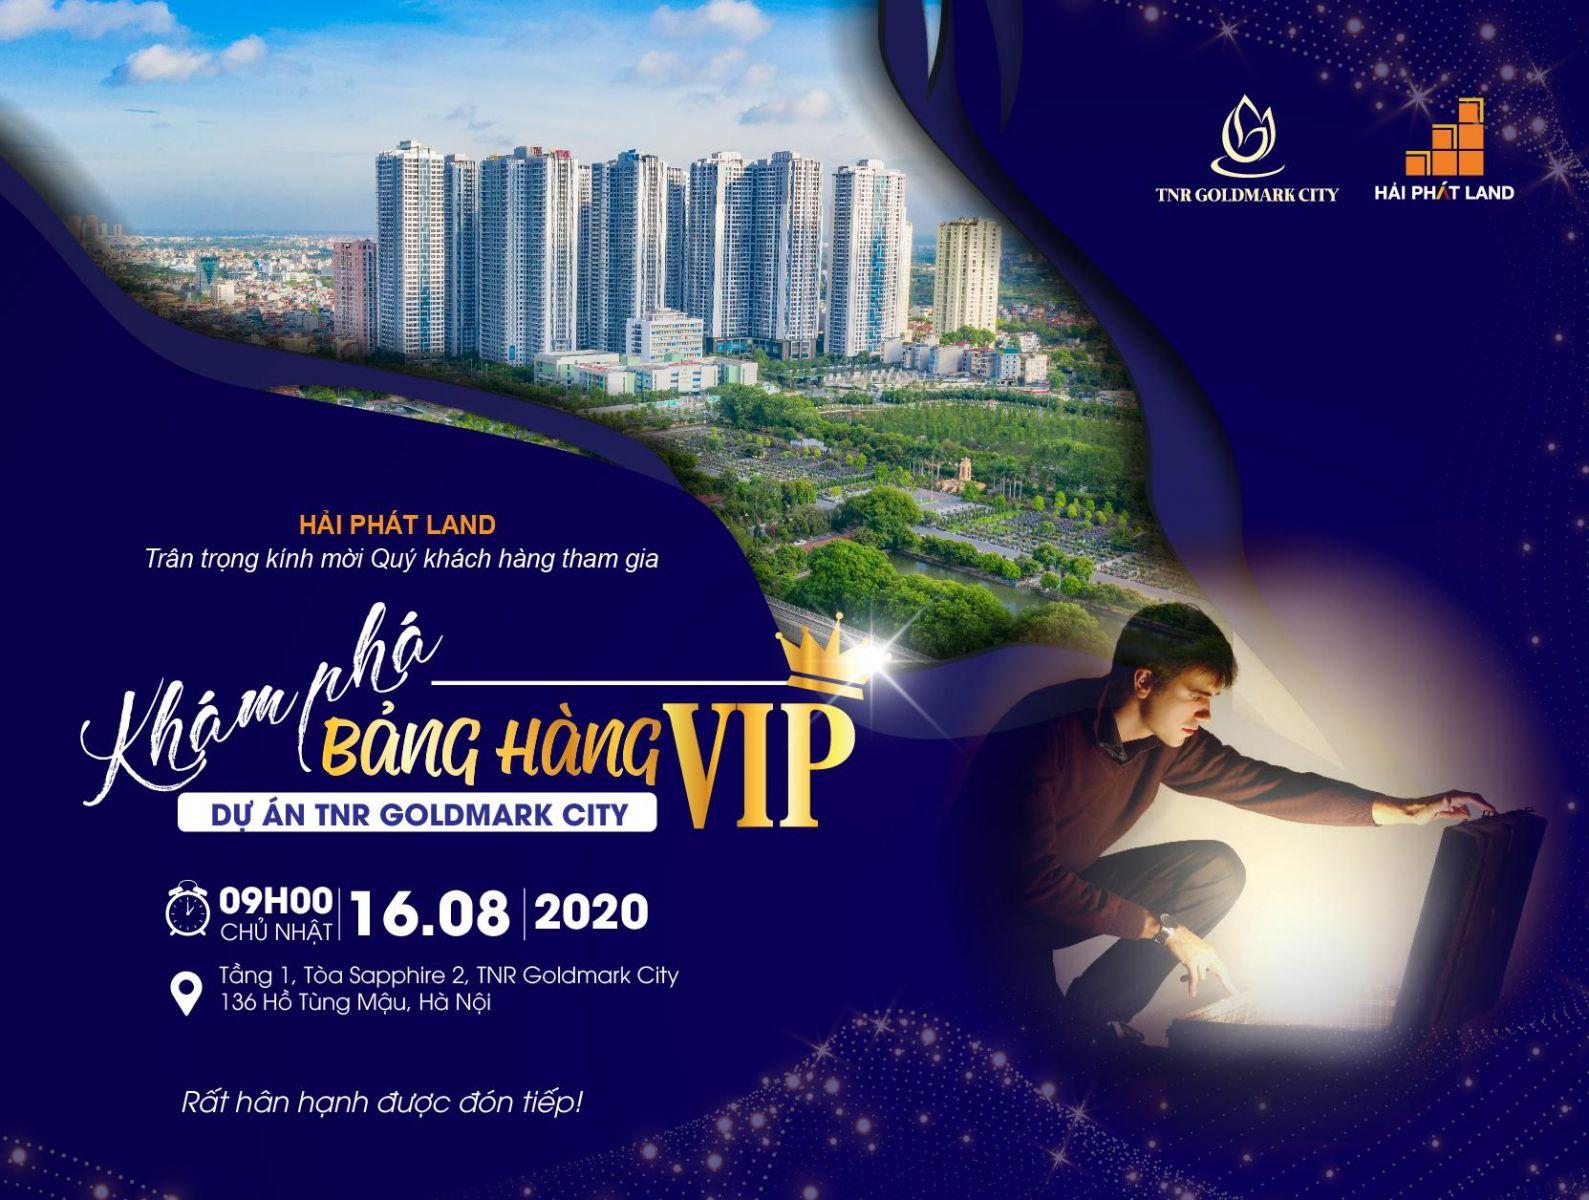 Khám phá bảng hàng VIP dự án TNR Goldmark City